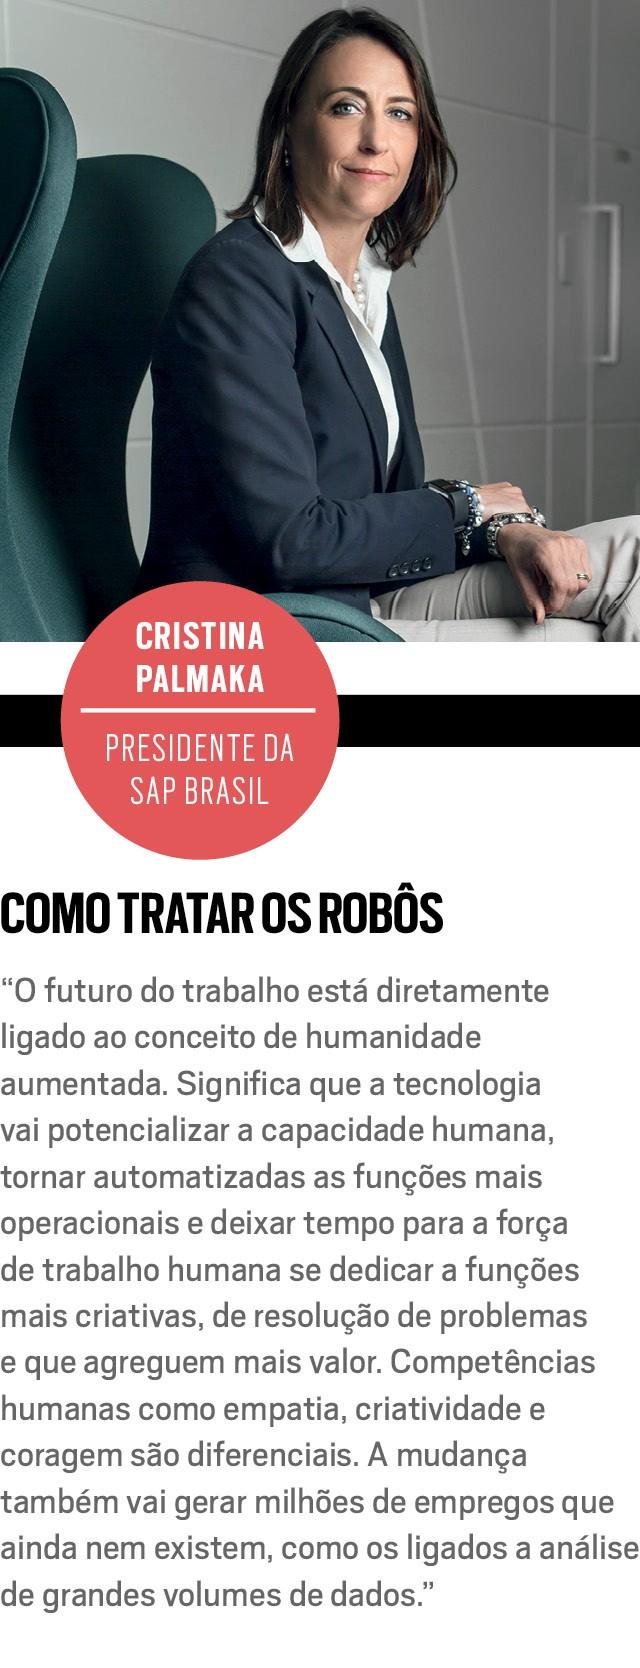 CRISTINA PALMAKA, presidente da SAP Brasil (Foto: Rogério Albuquerque)